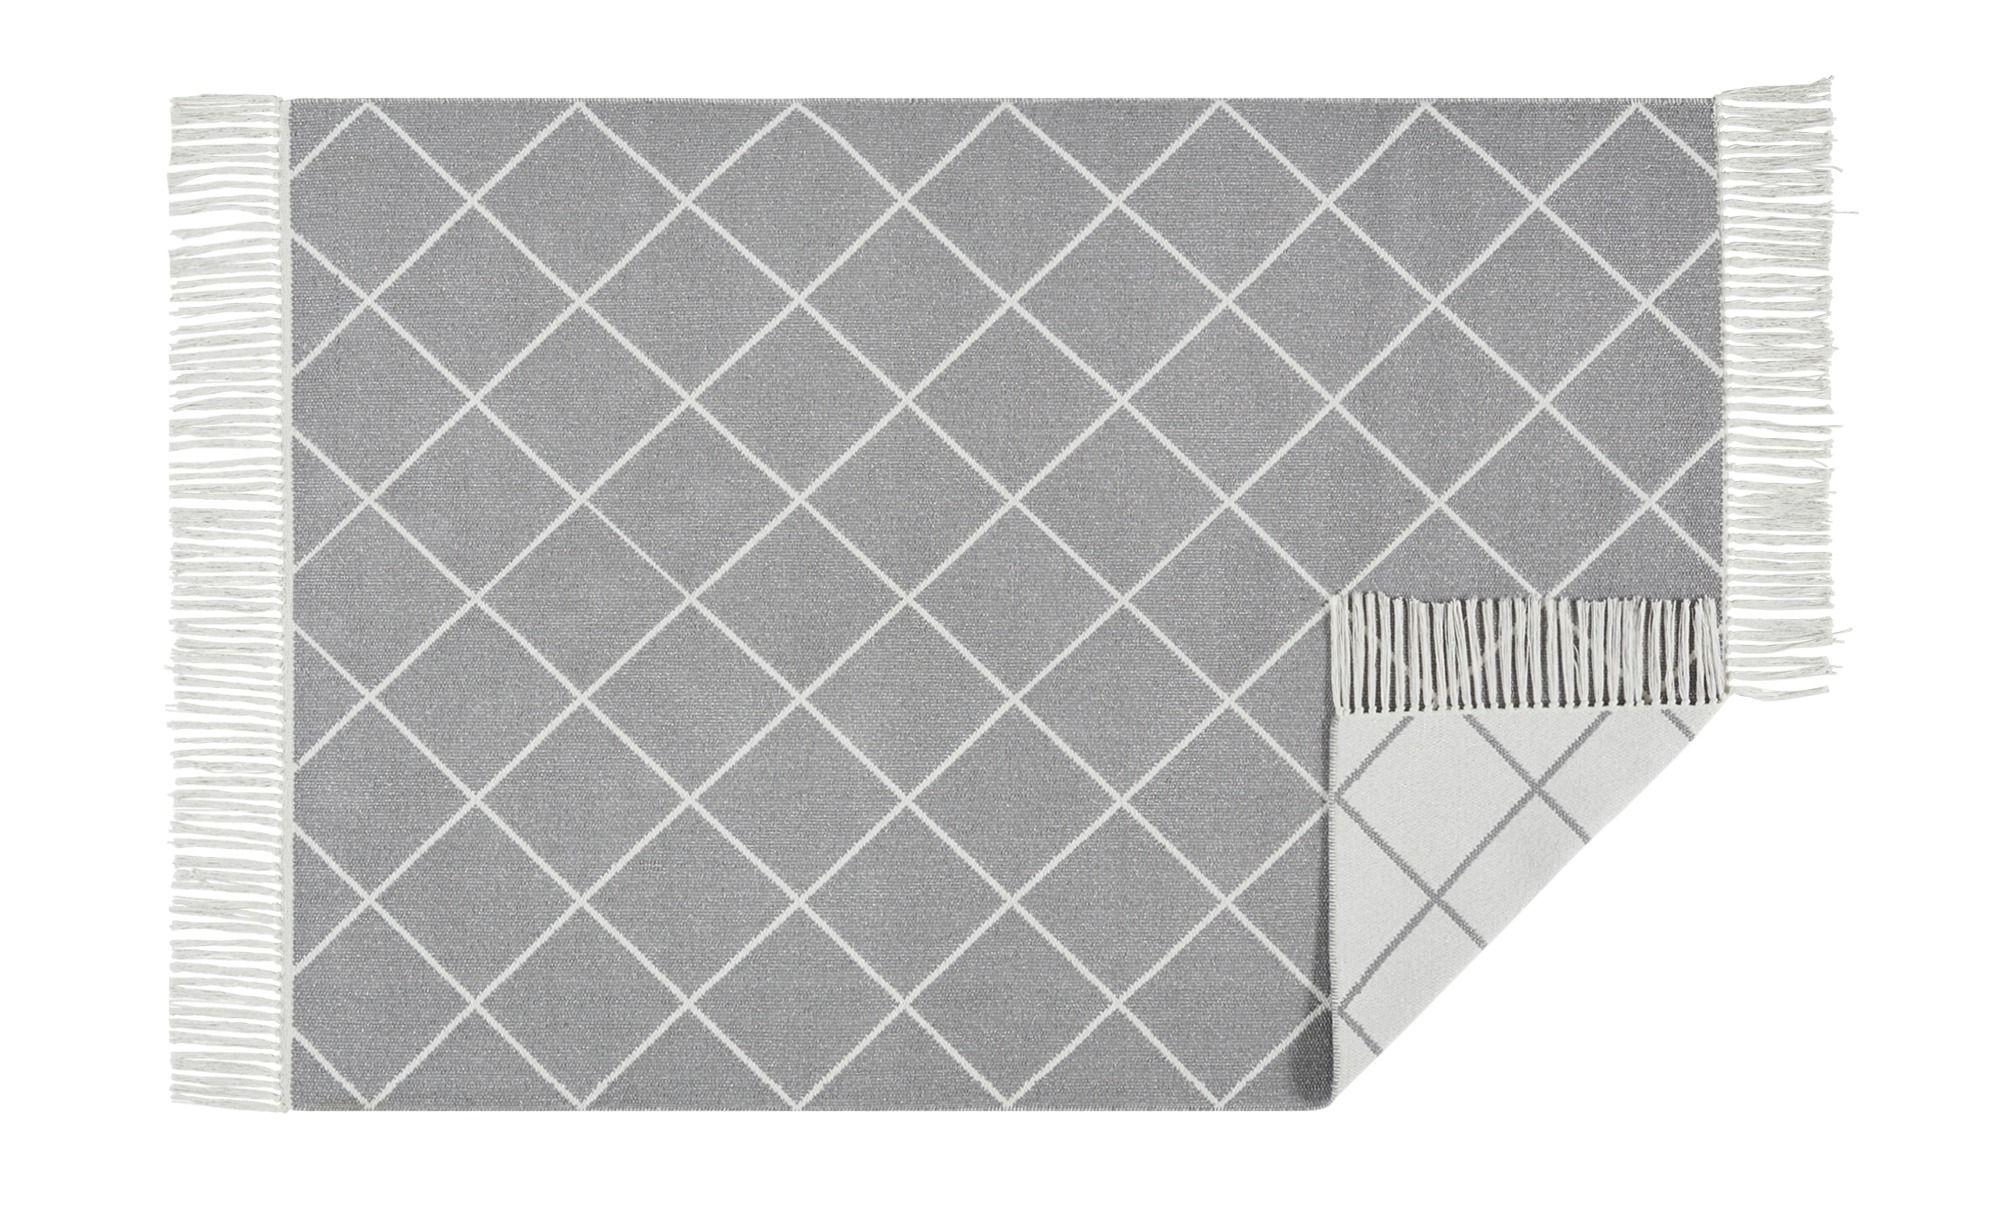 sisal teppich 200x300 günstig casa berber teppichboden